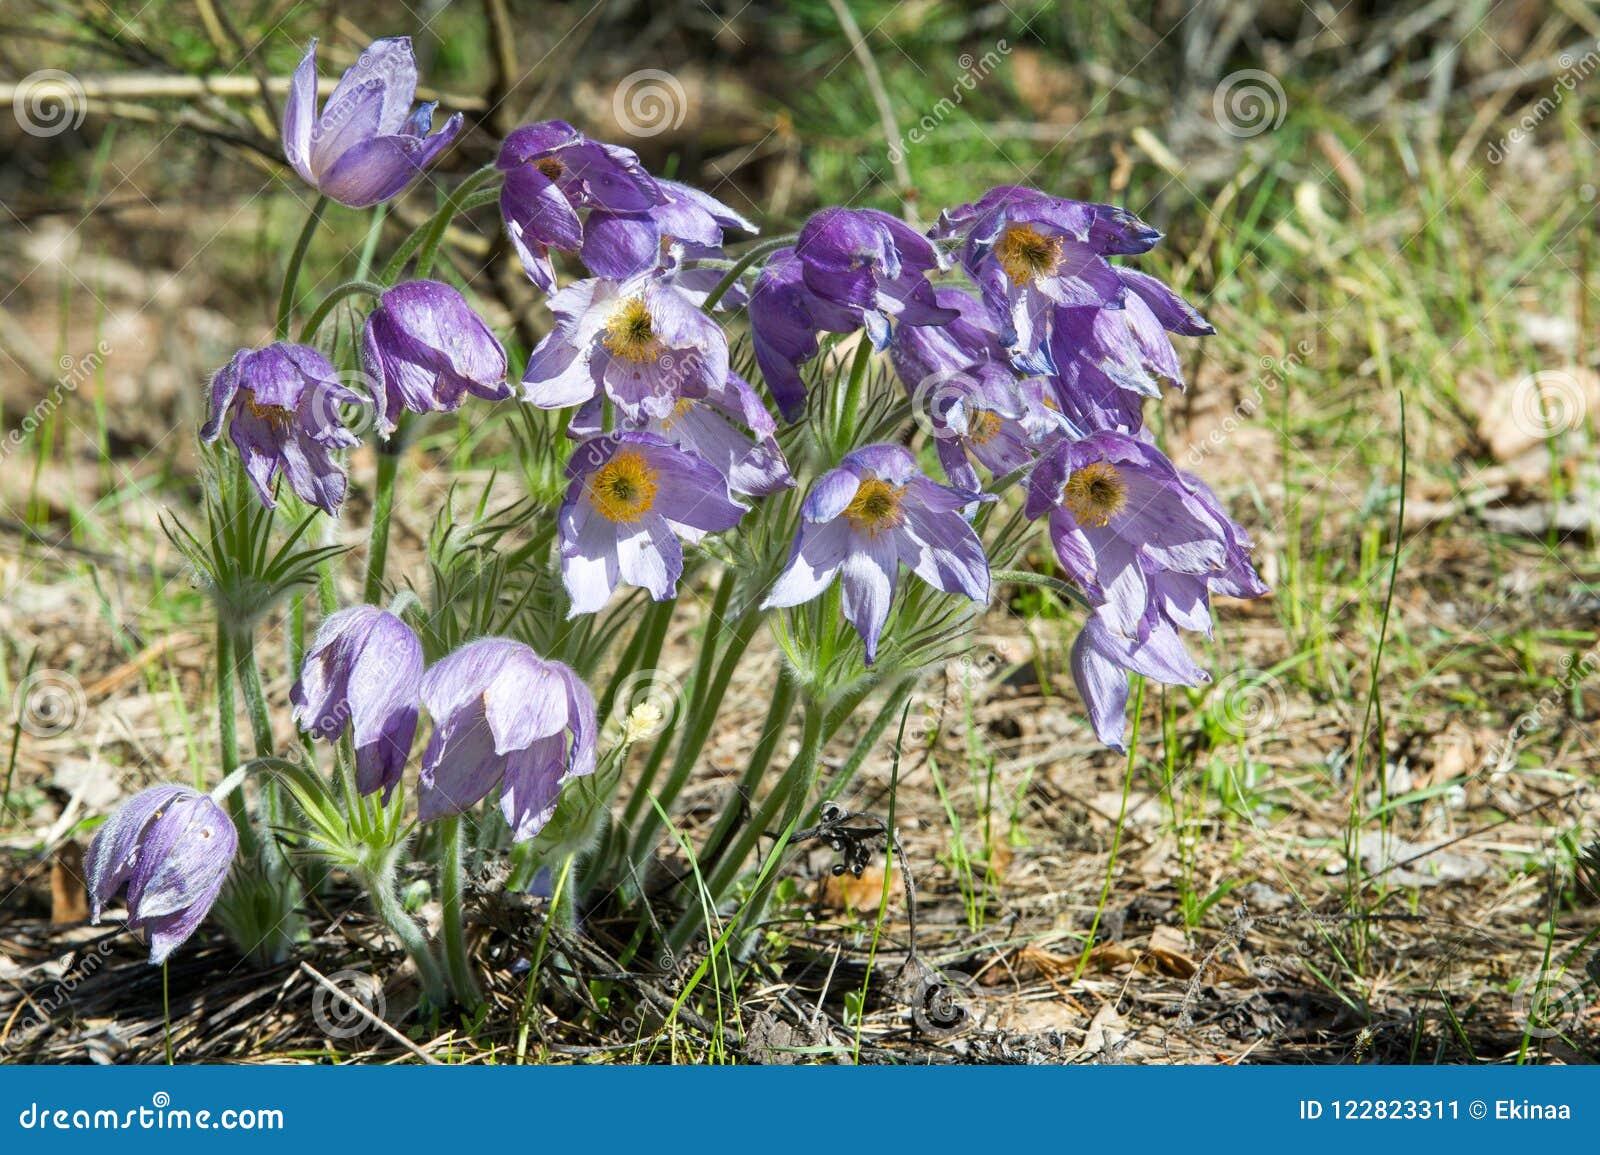 Spring landscape flowers growing in the wild spring flower pul download spring landscape flowers growing in the wild spring flower pul stock image mightylinksfo